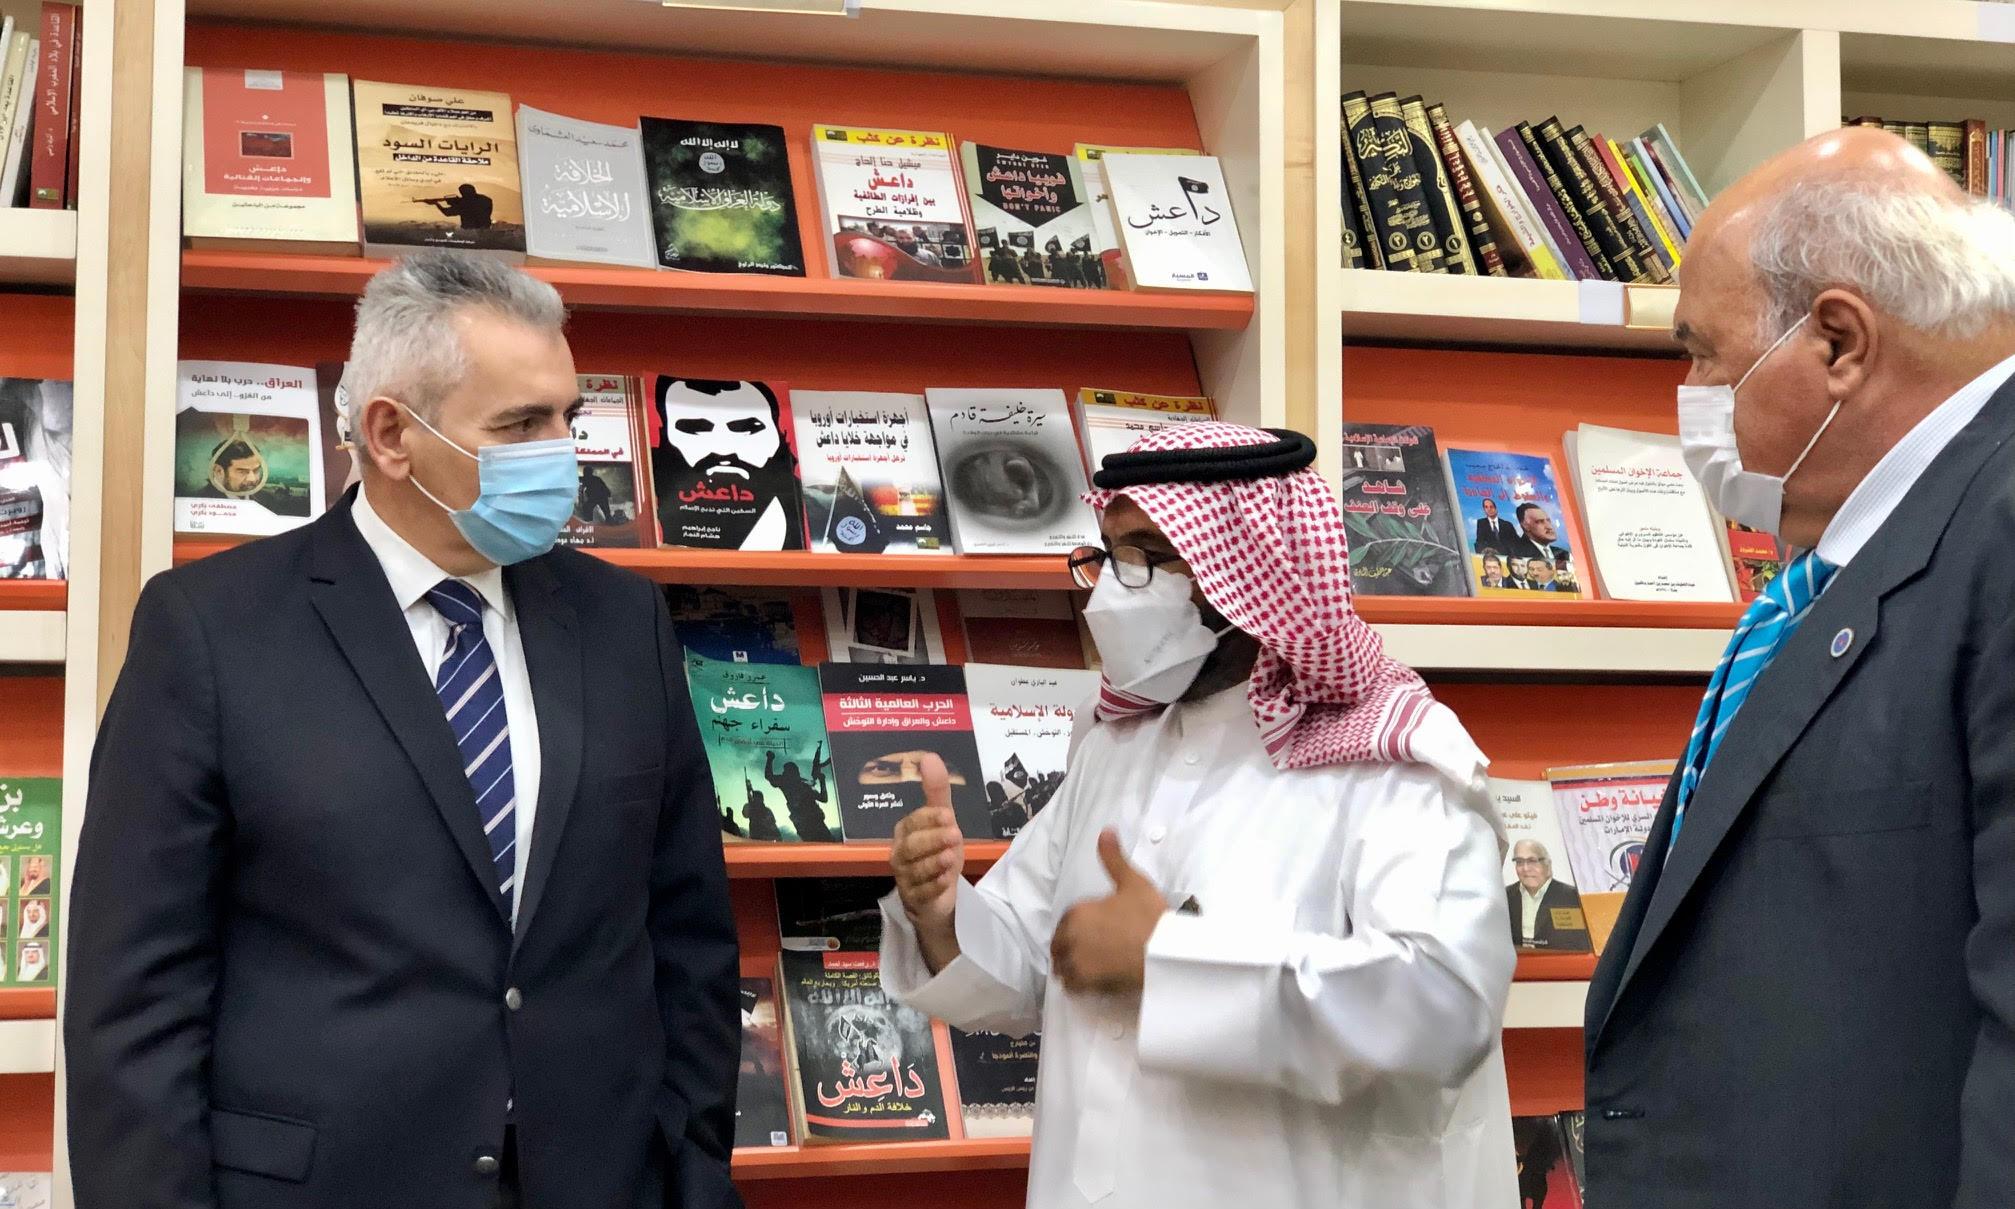 Στη βιβλιοθήκη του Intellectual Warfare Center έχουν συγκεντρωθεί εκδόσεις που παραποιούν τα διδάγματα του Ισλάμ και προάγουν τον φονταμενταλισμό.